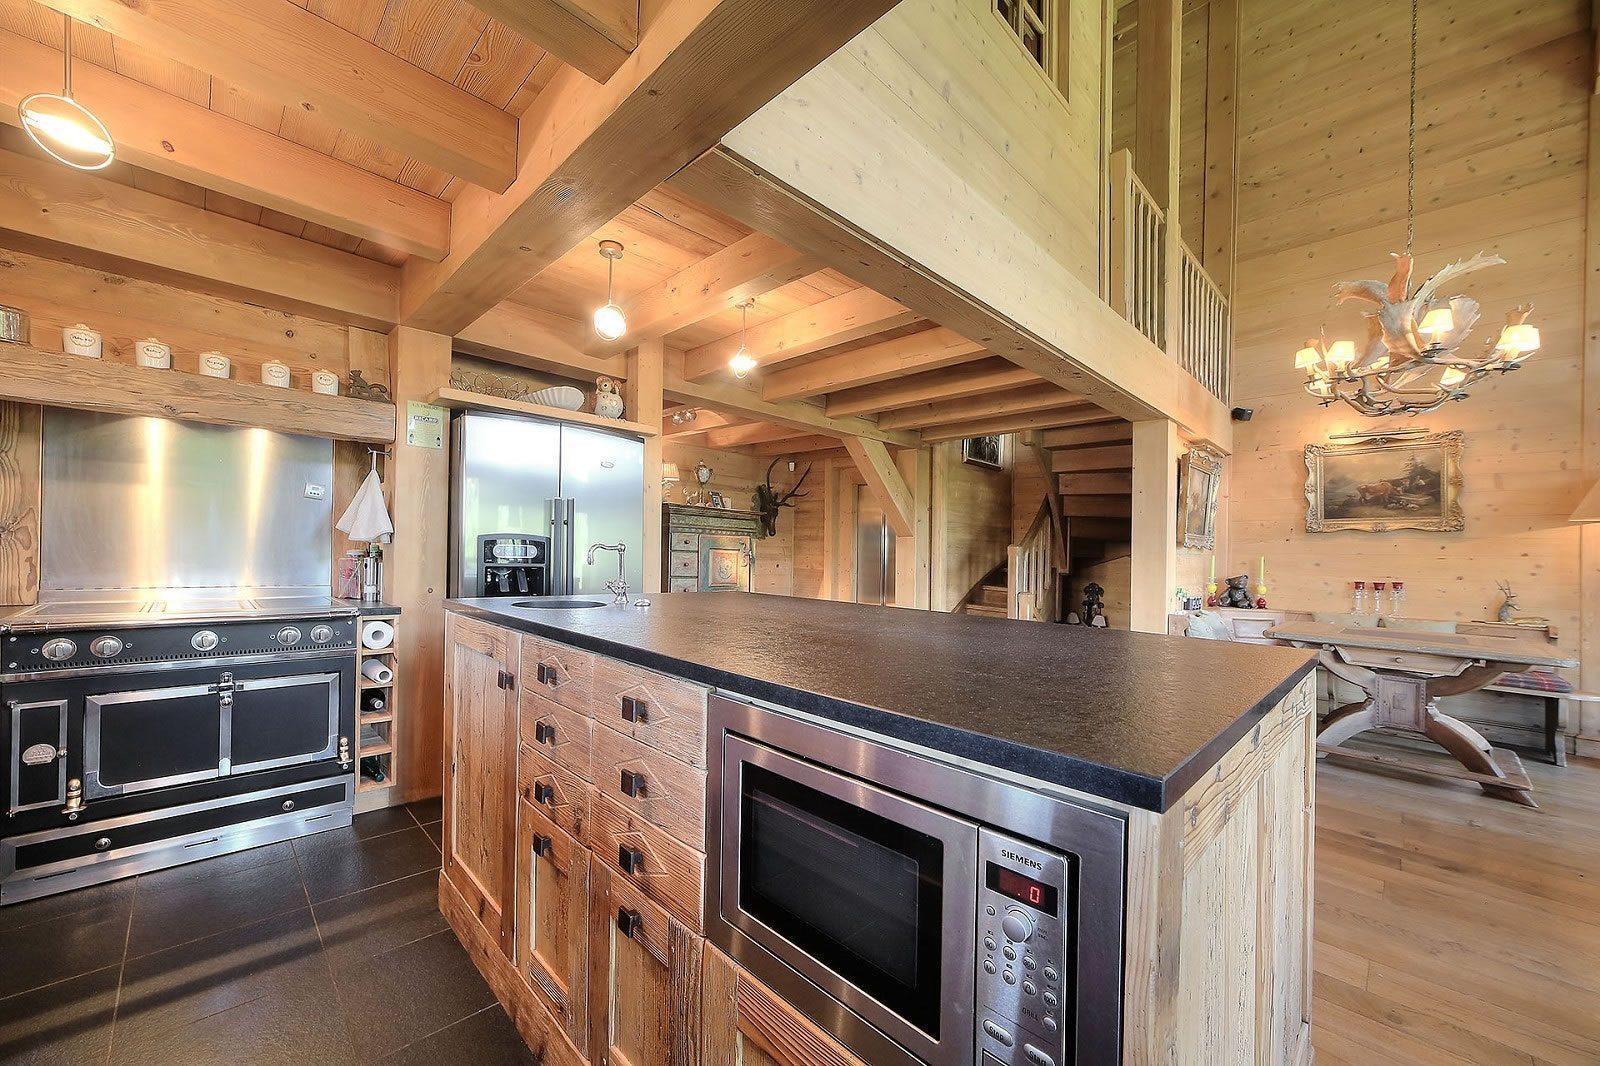 demi-chalet-renove-a-vendre-terrasses-hauteurs-sous-plafond-baies-vitrees